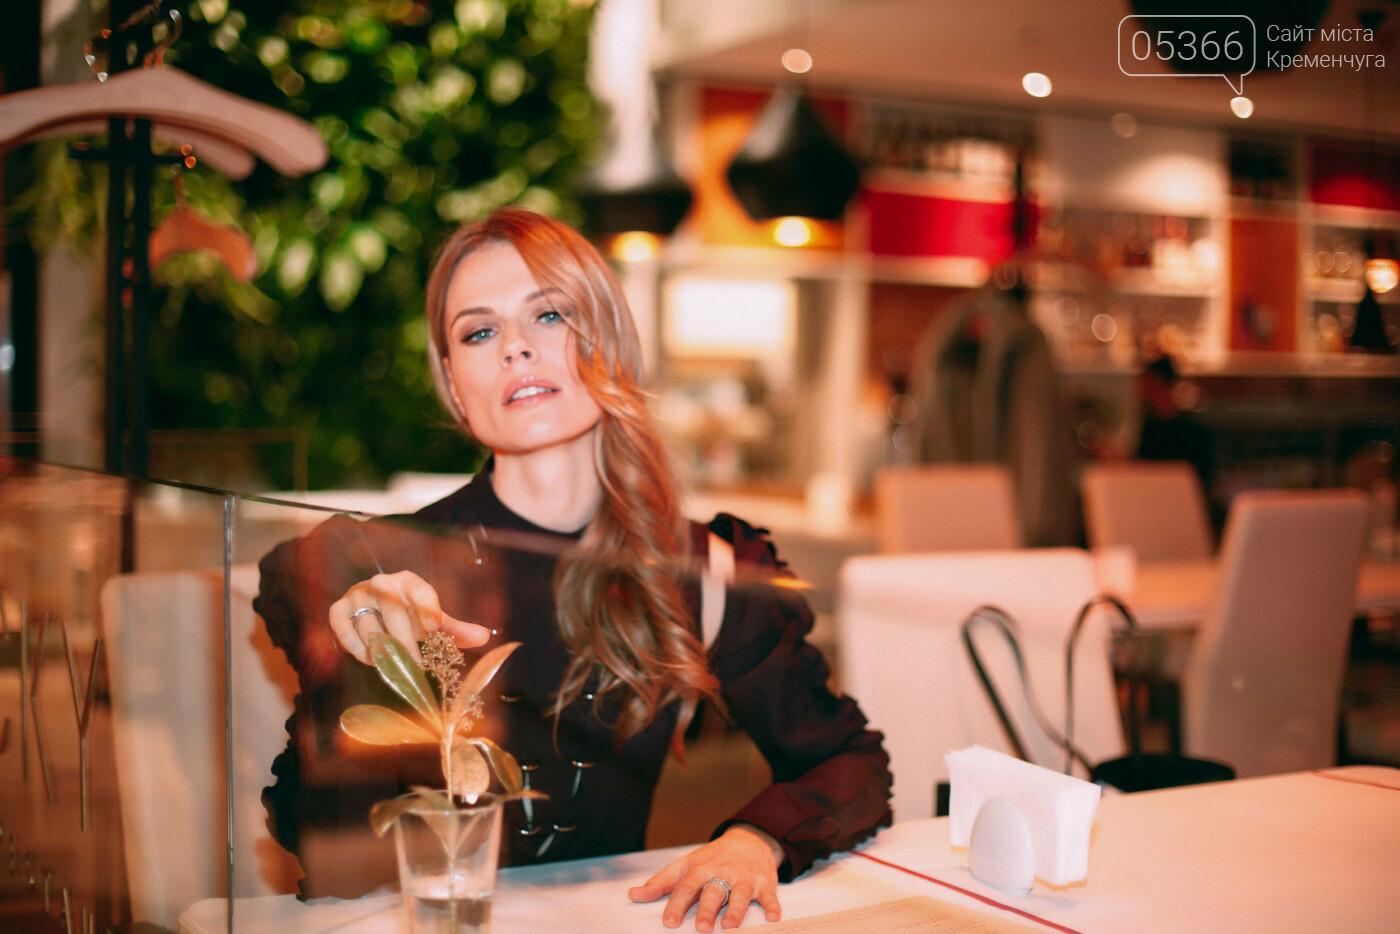 Популярная телеведущая Ольга Фреймут поделилась своими жизненными принципами, фото-2